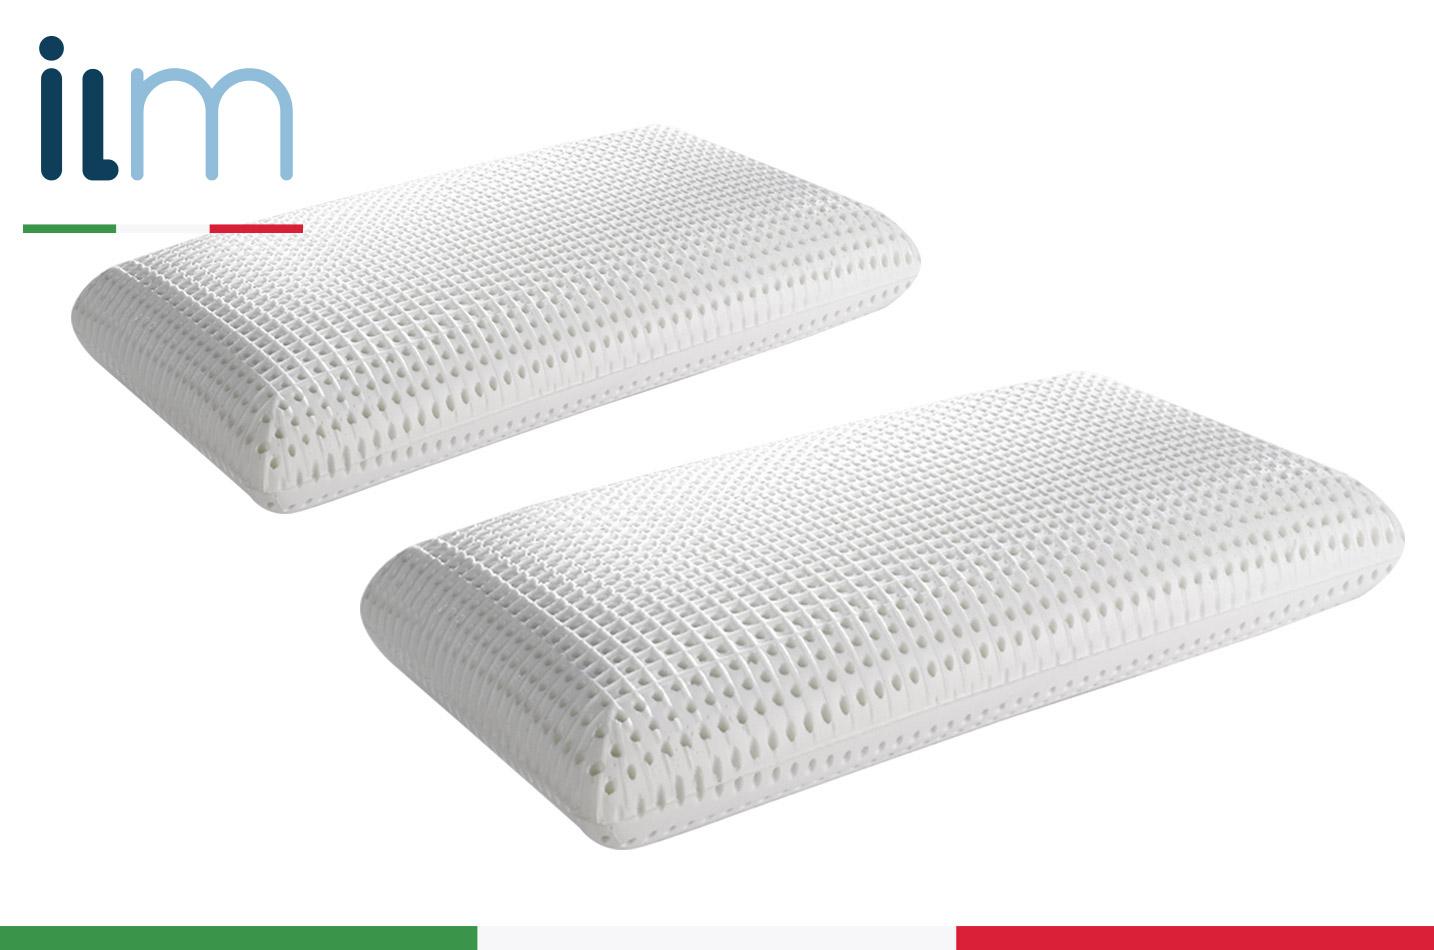 Cuscini materasso online un materasso unico with cuscini for Cuscini materasso arredo